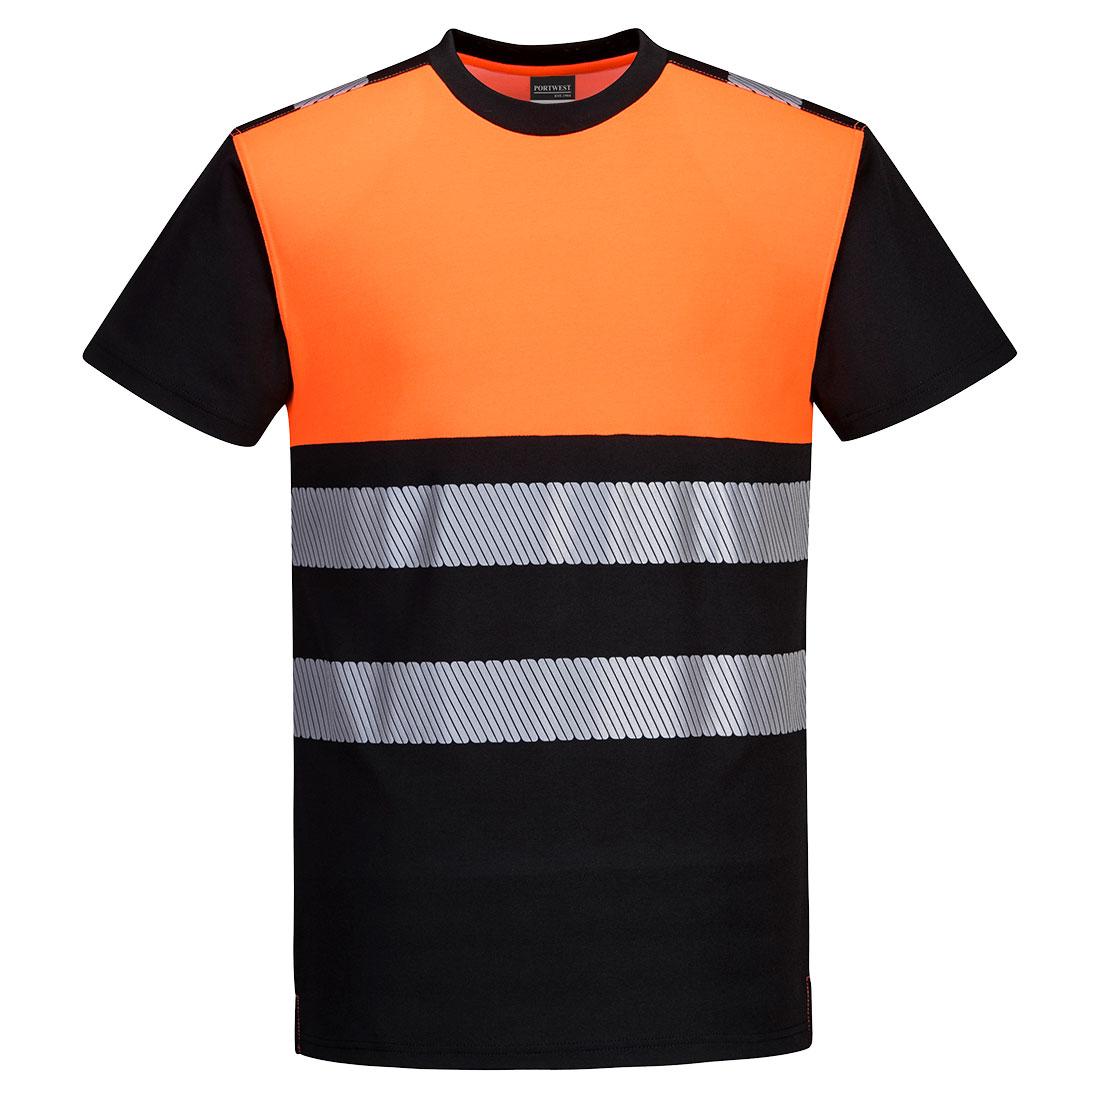 Portwest Hi-Vis T-shirt - Black/Orange